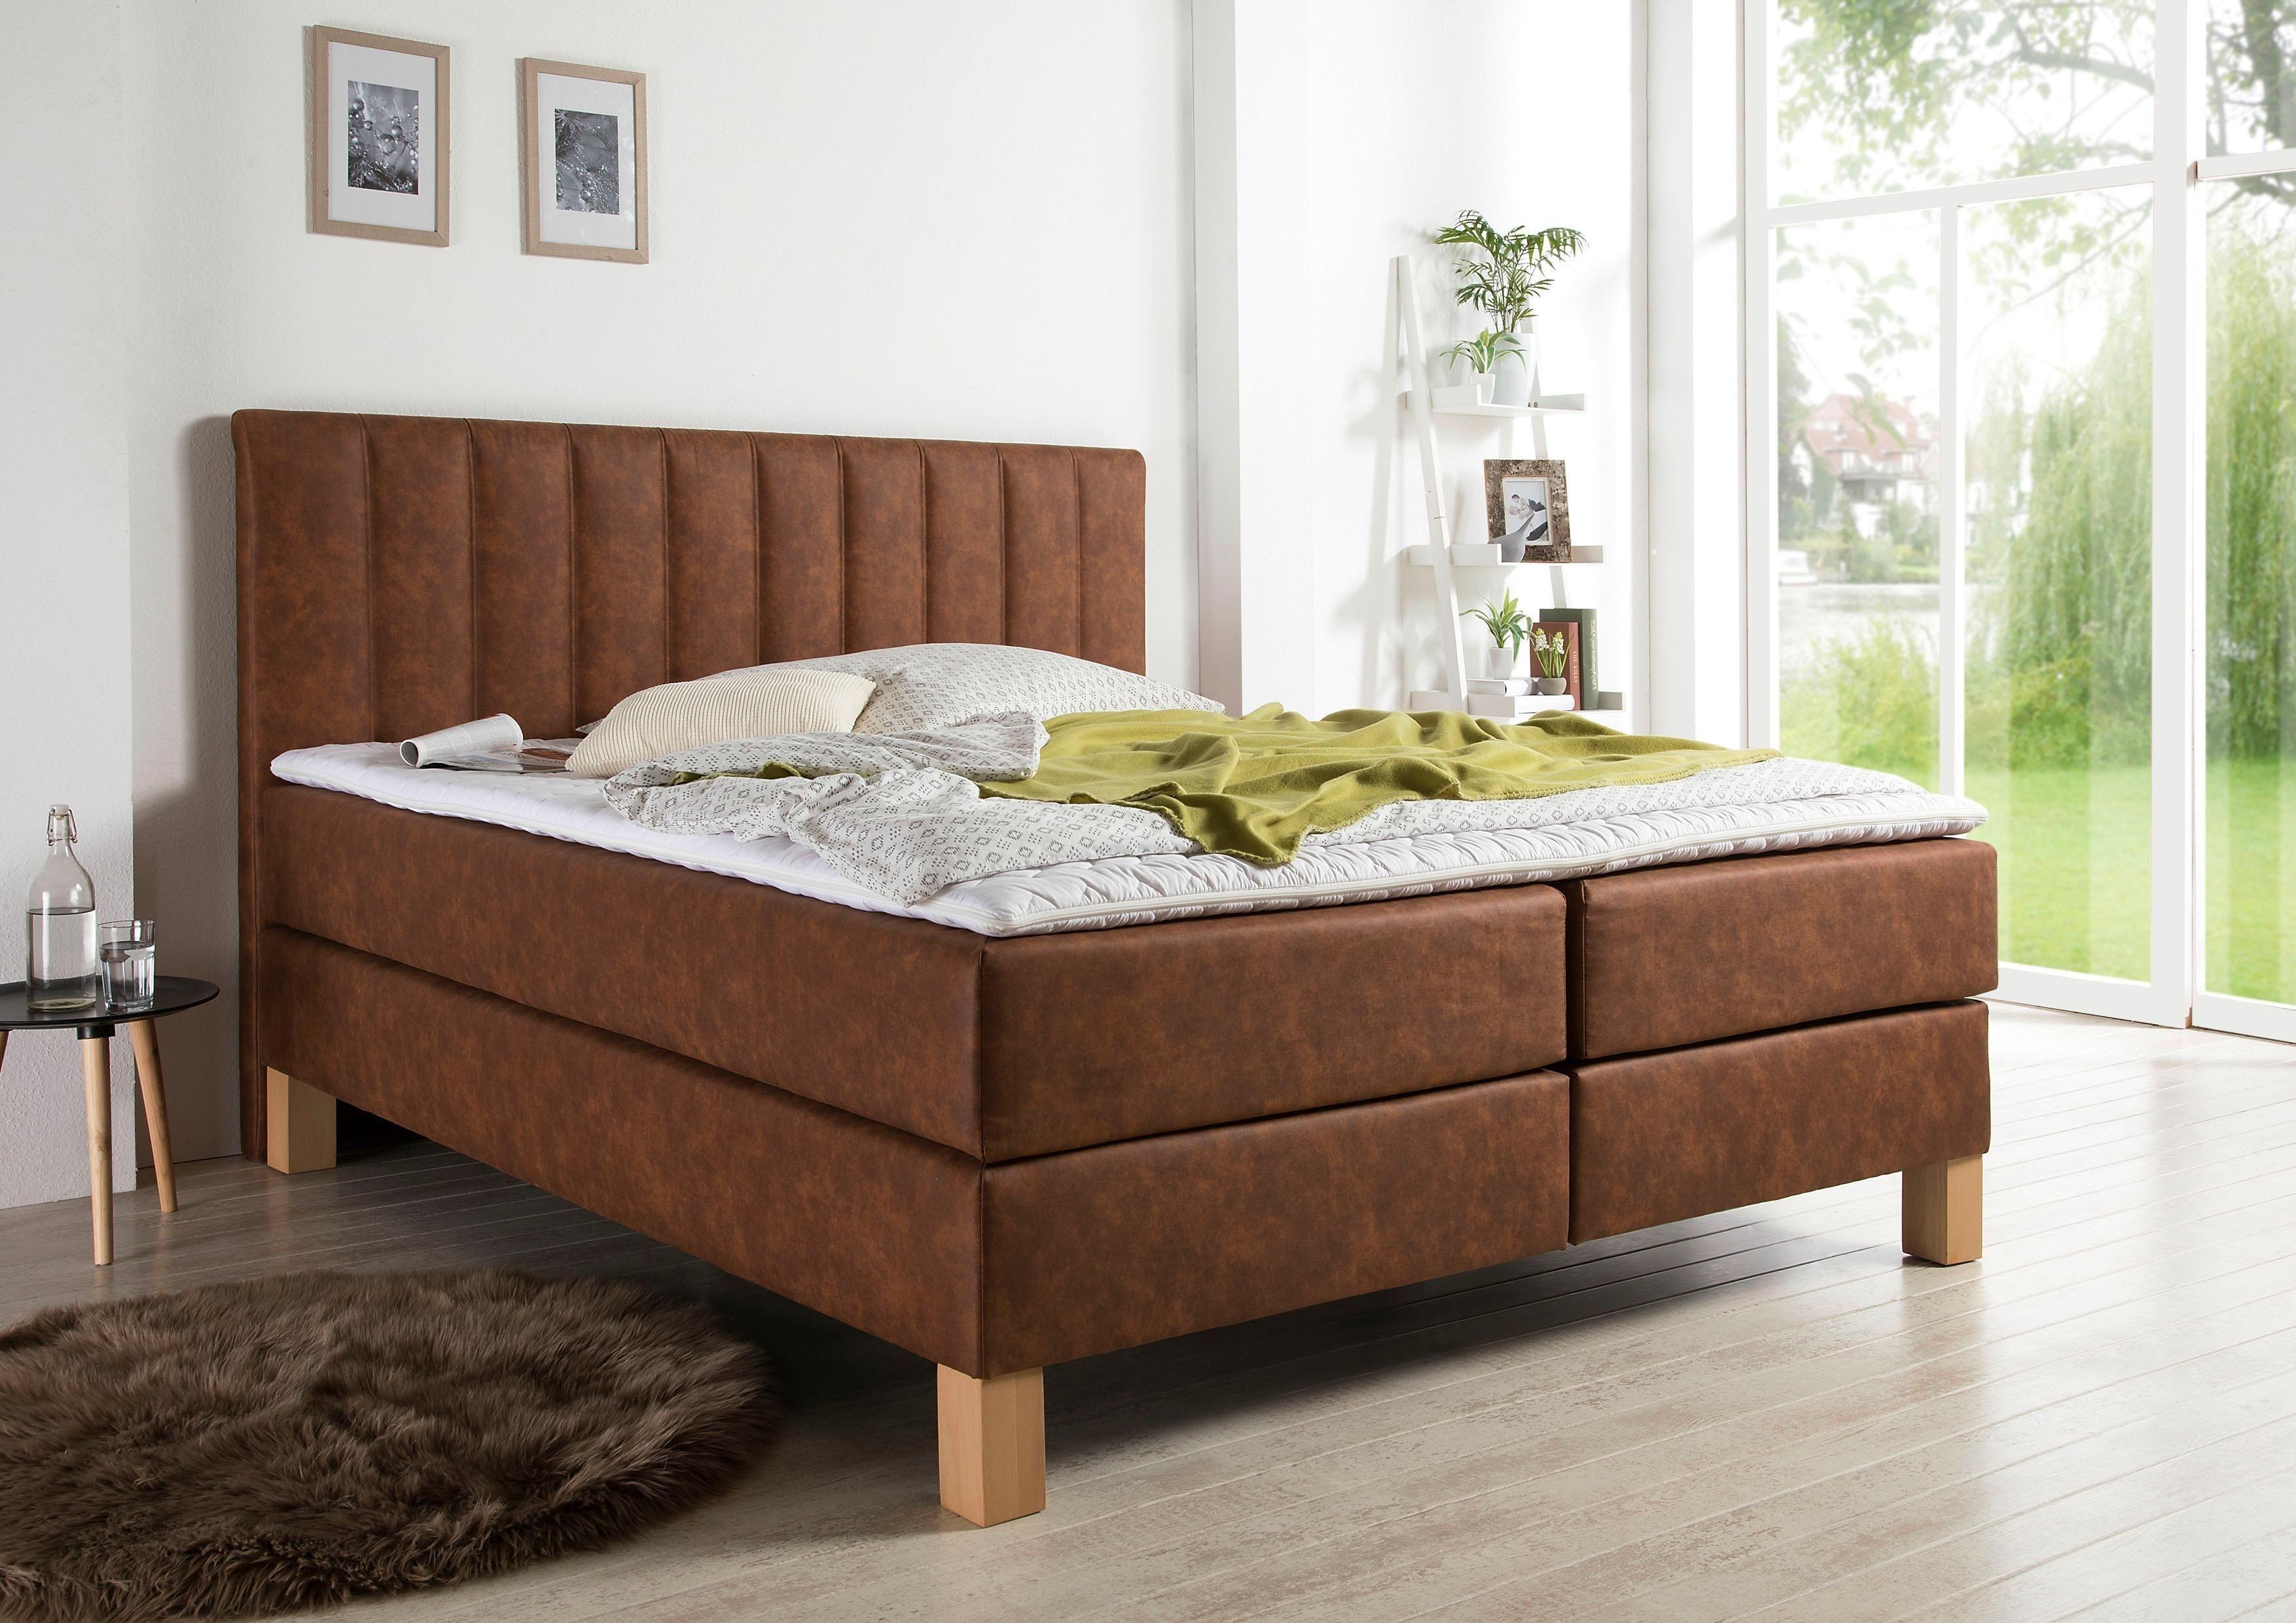 Home Affaire Boxspringbett Tumba In 2020 Haus Deko Einrichtungsideen Schlafzimmer Schlafzimmer Diy